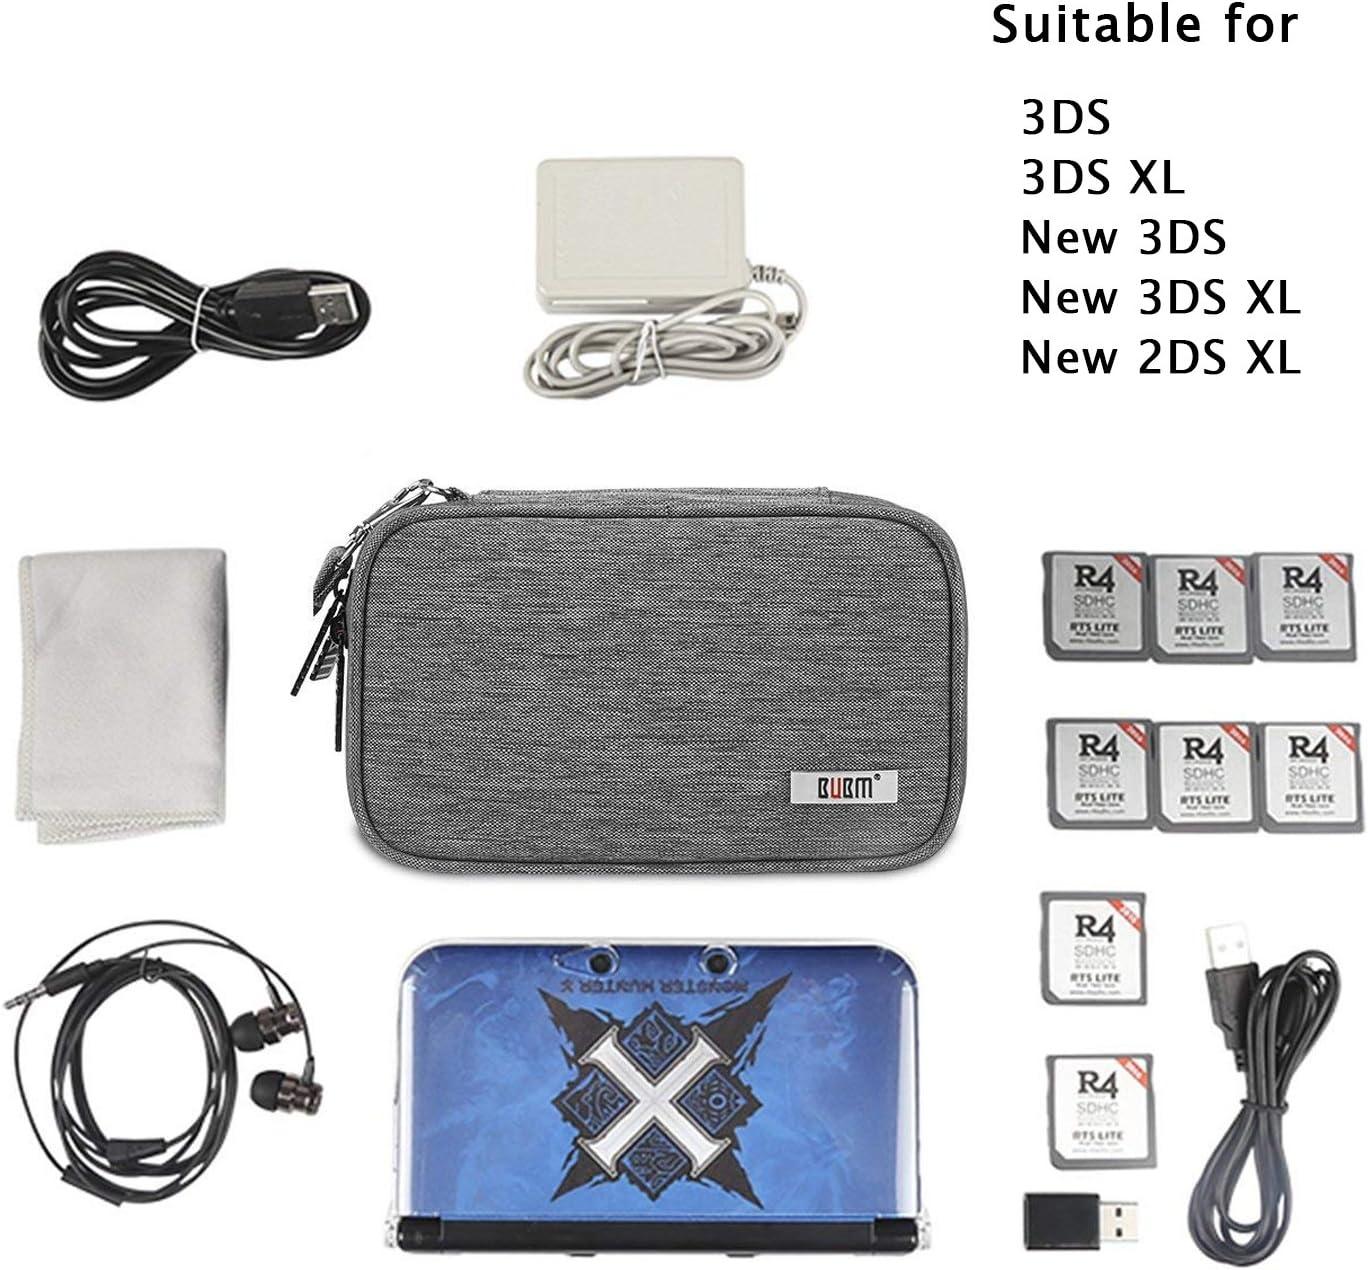 Amazon.com: BUBM 3DS/3DS XL/New 2DS XL - Maletín de ...